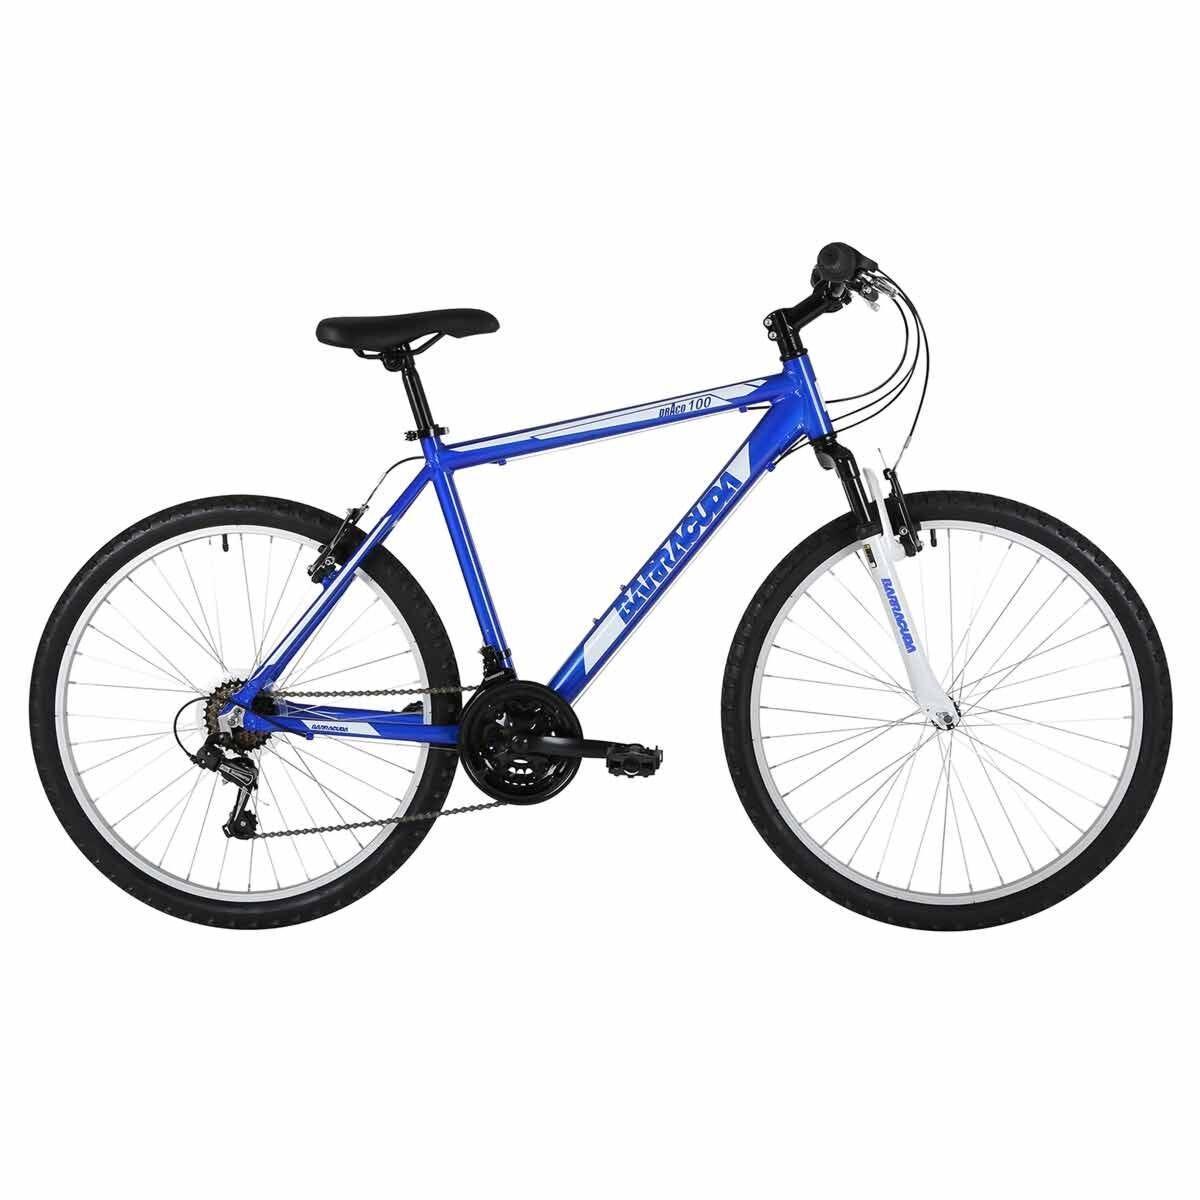 Barracuda Draco 100 Adult Mountain Bike 19 Inch Frame